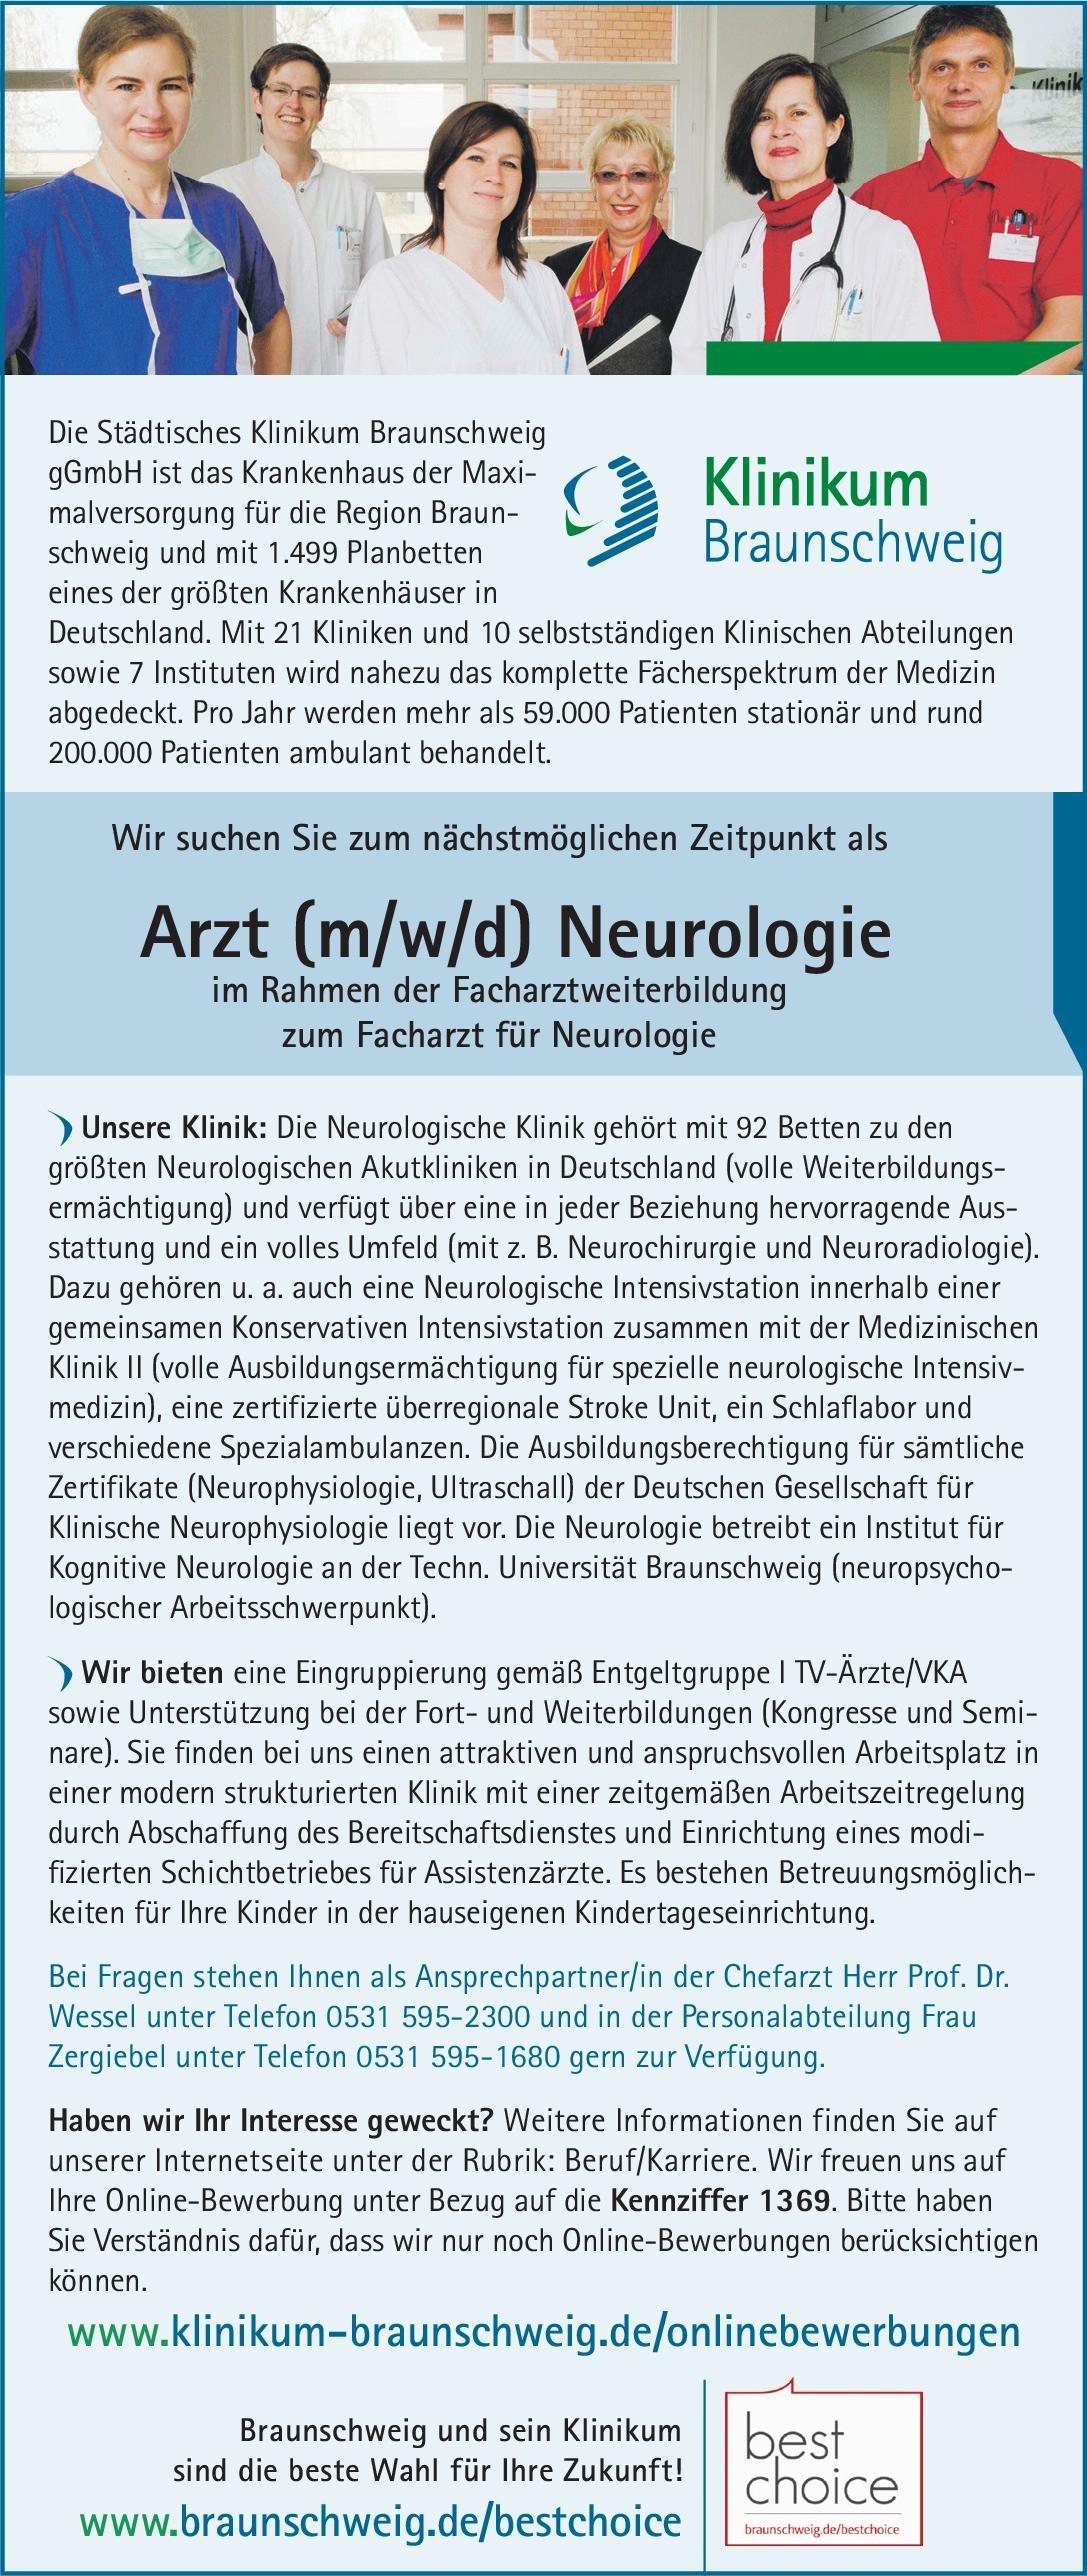 Stellenangebot: Arzt (m/w/d) Neurologie im Rahmen der Fachar